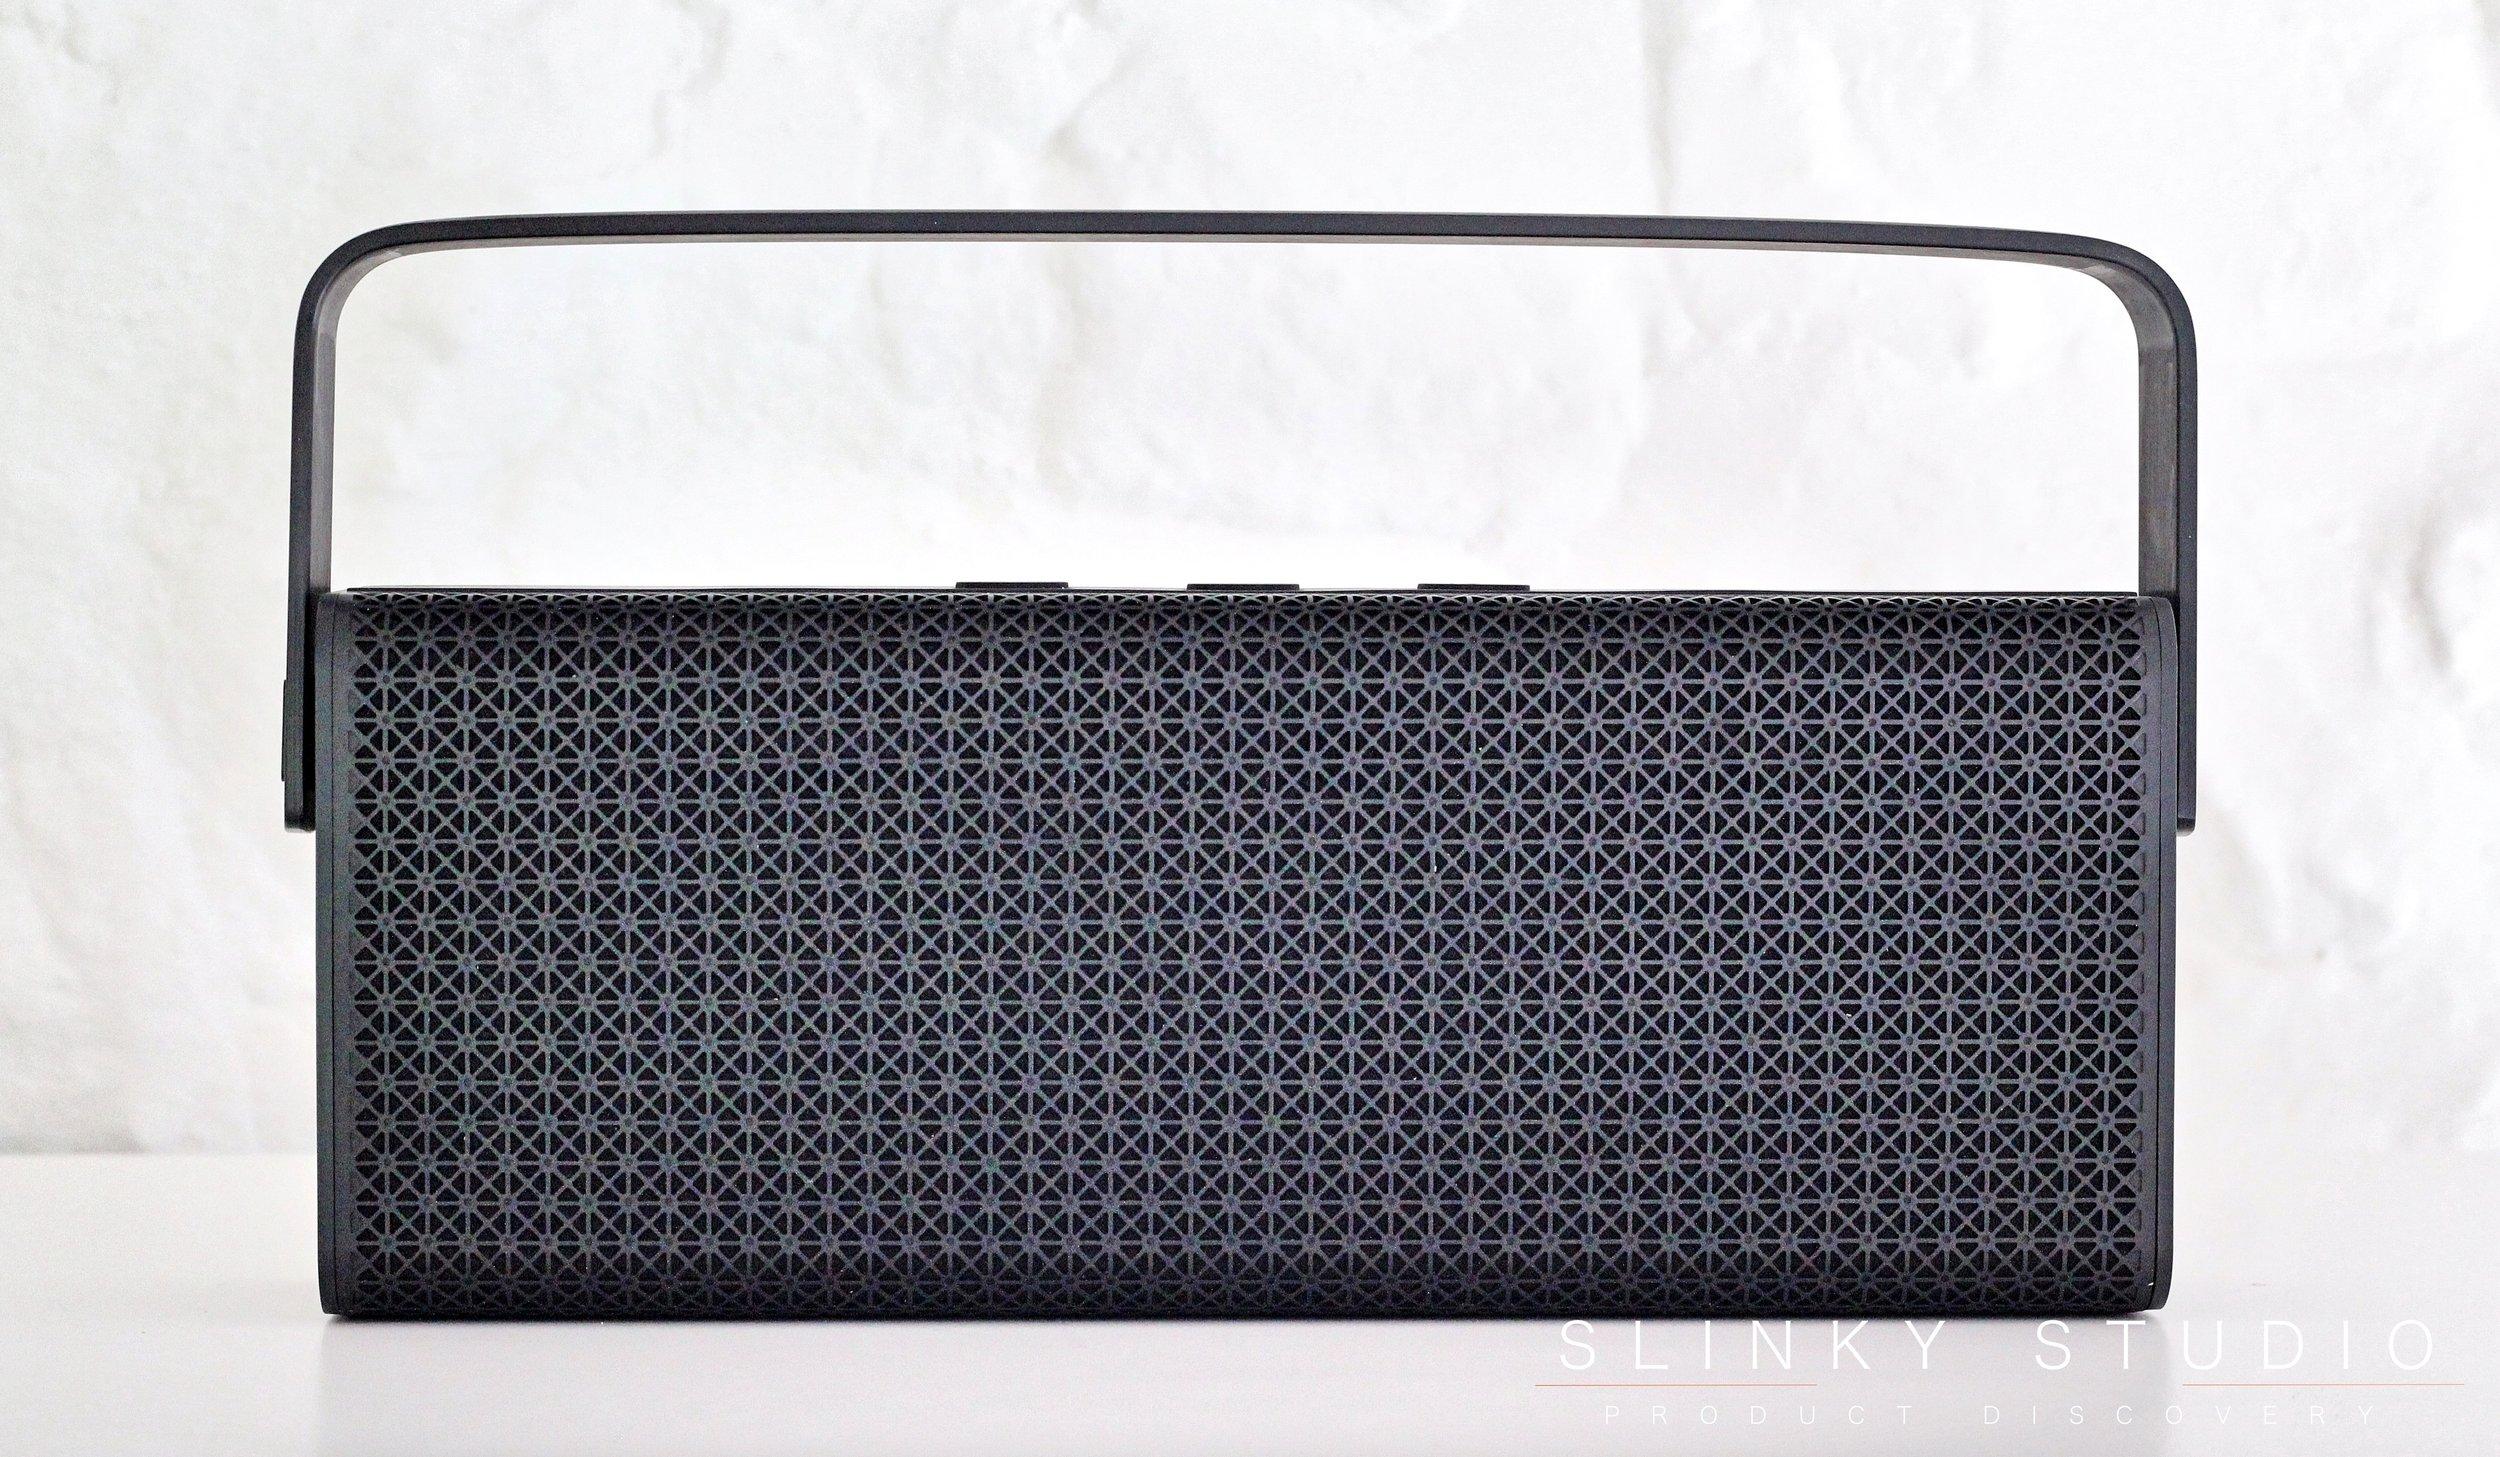 Edifier Rave MP700 Speaker Black on White Bookshelf.jpg